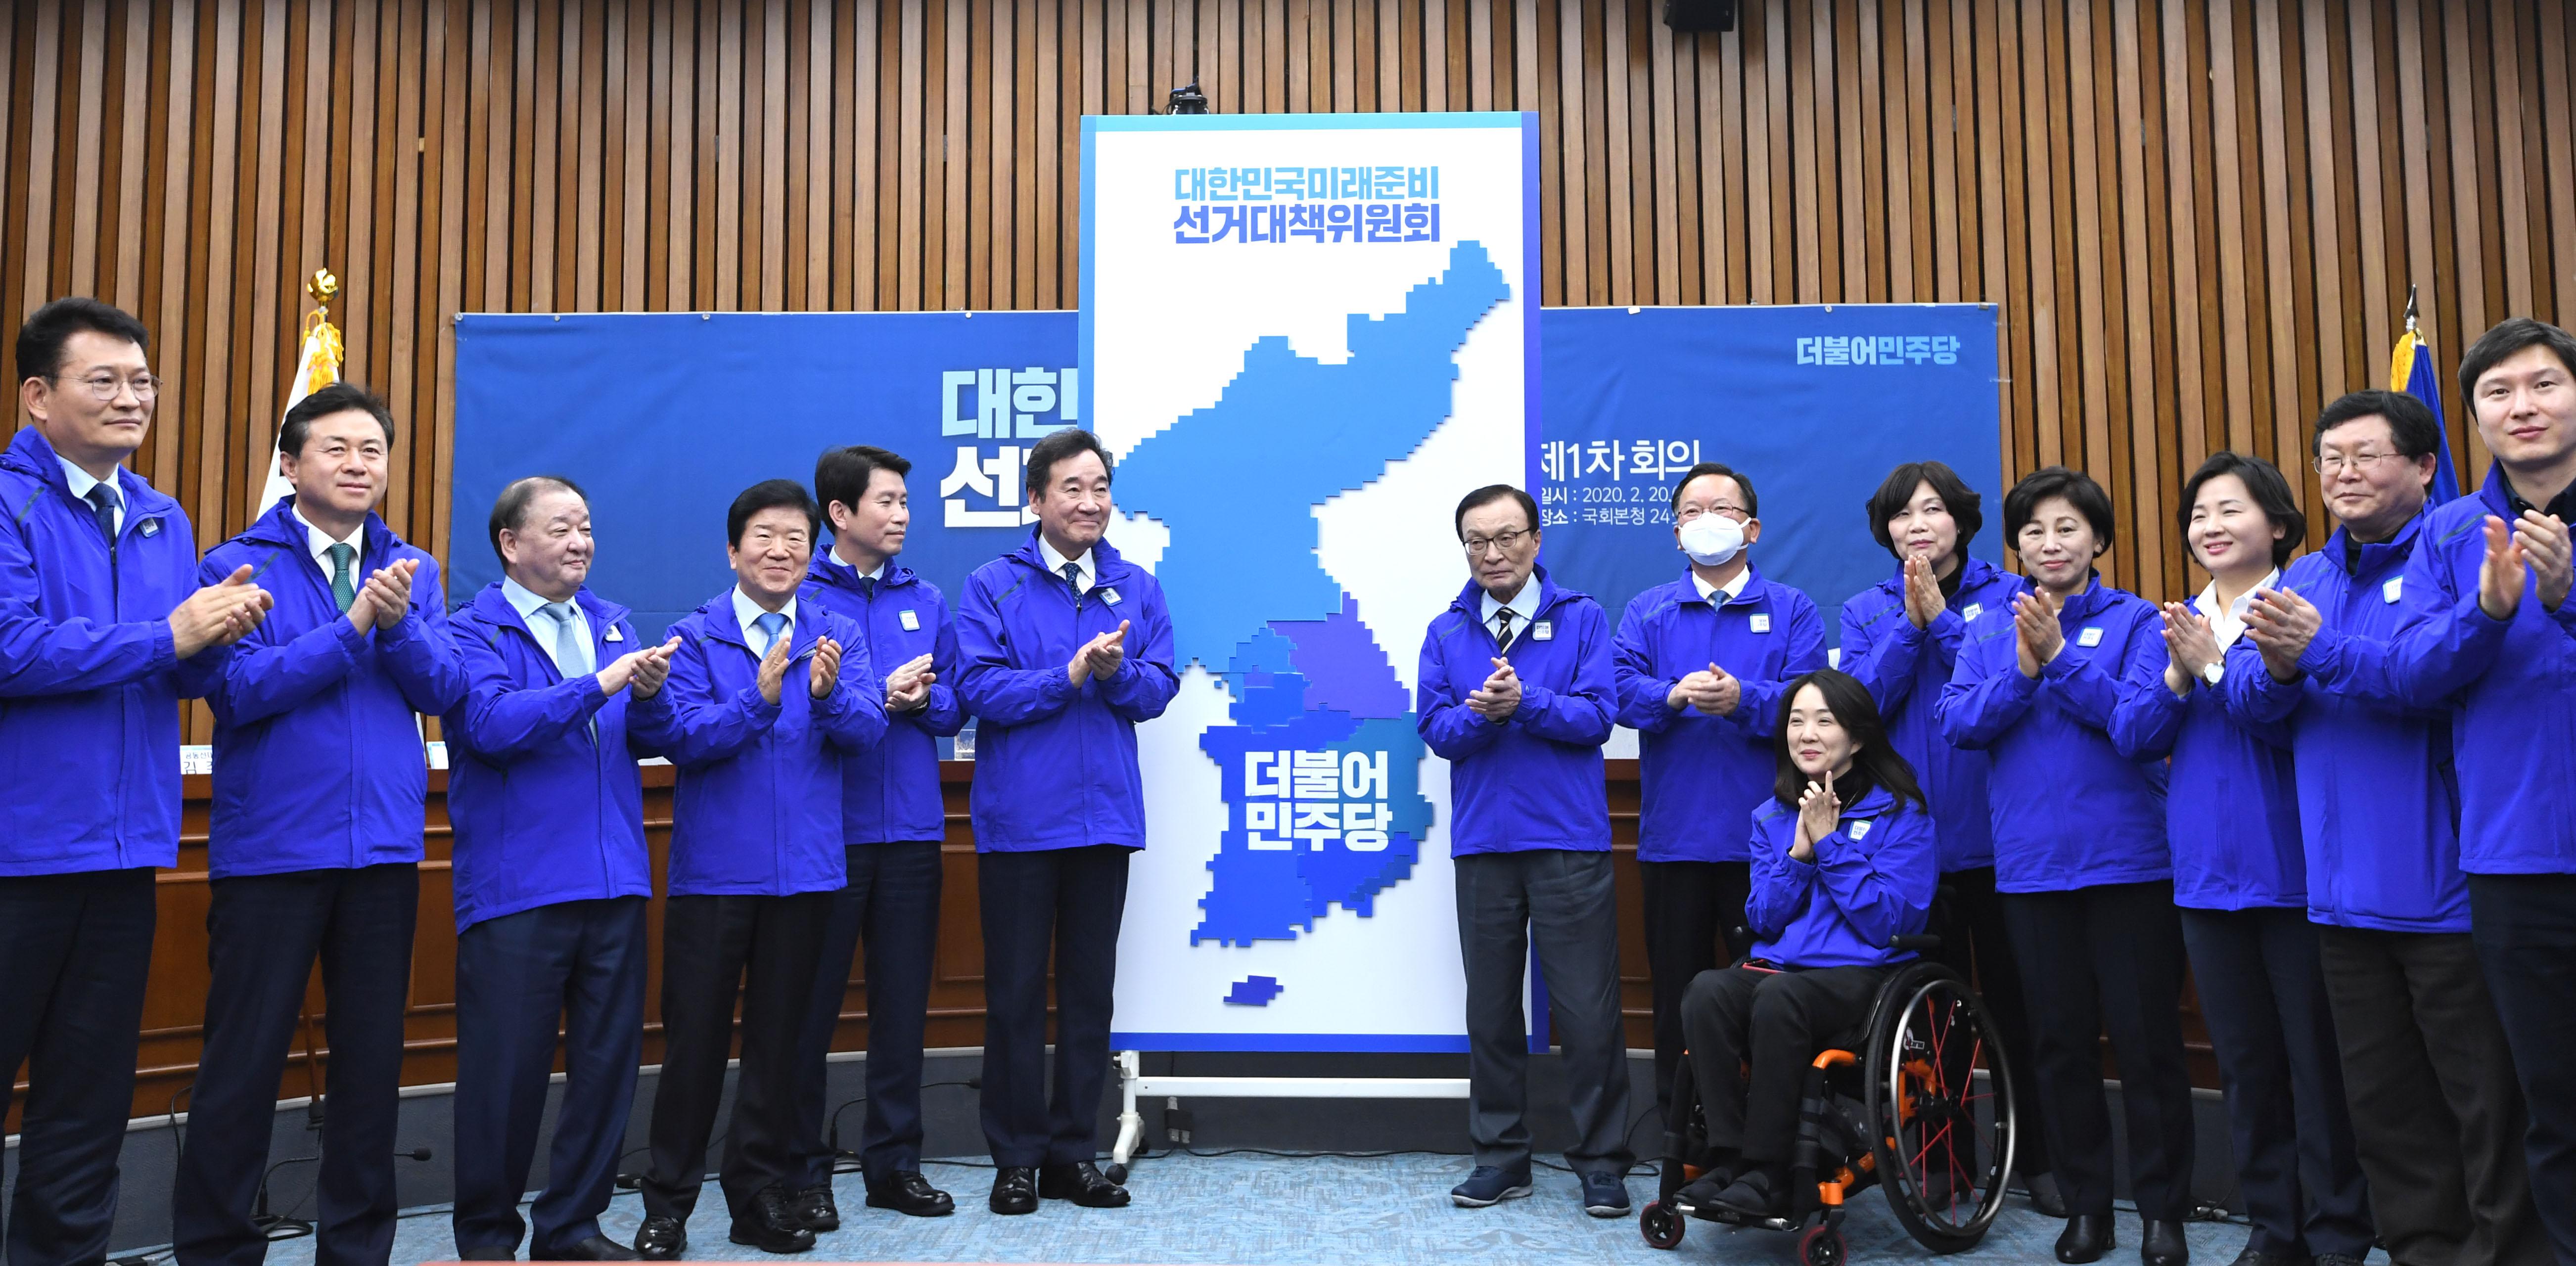 이해찬-이낙연 투톱 '더불어민주당 선대위 출범'